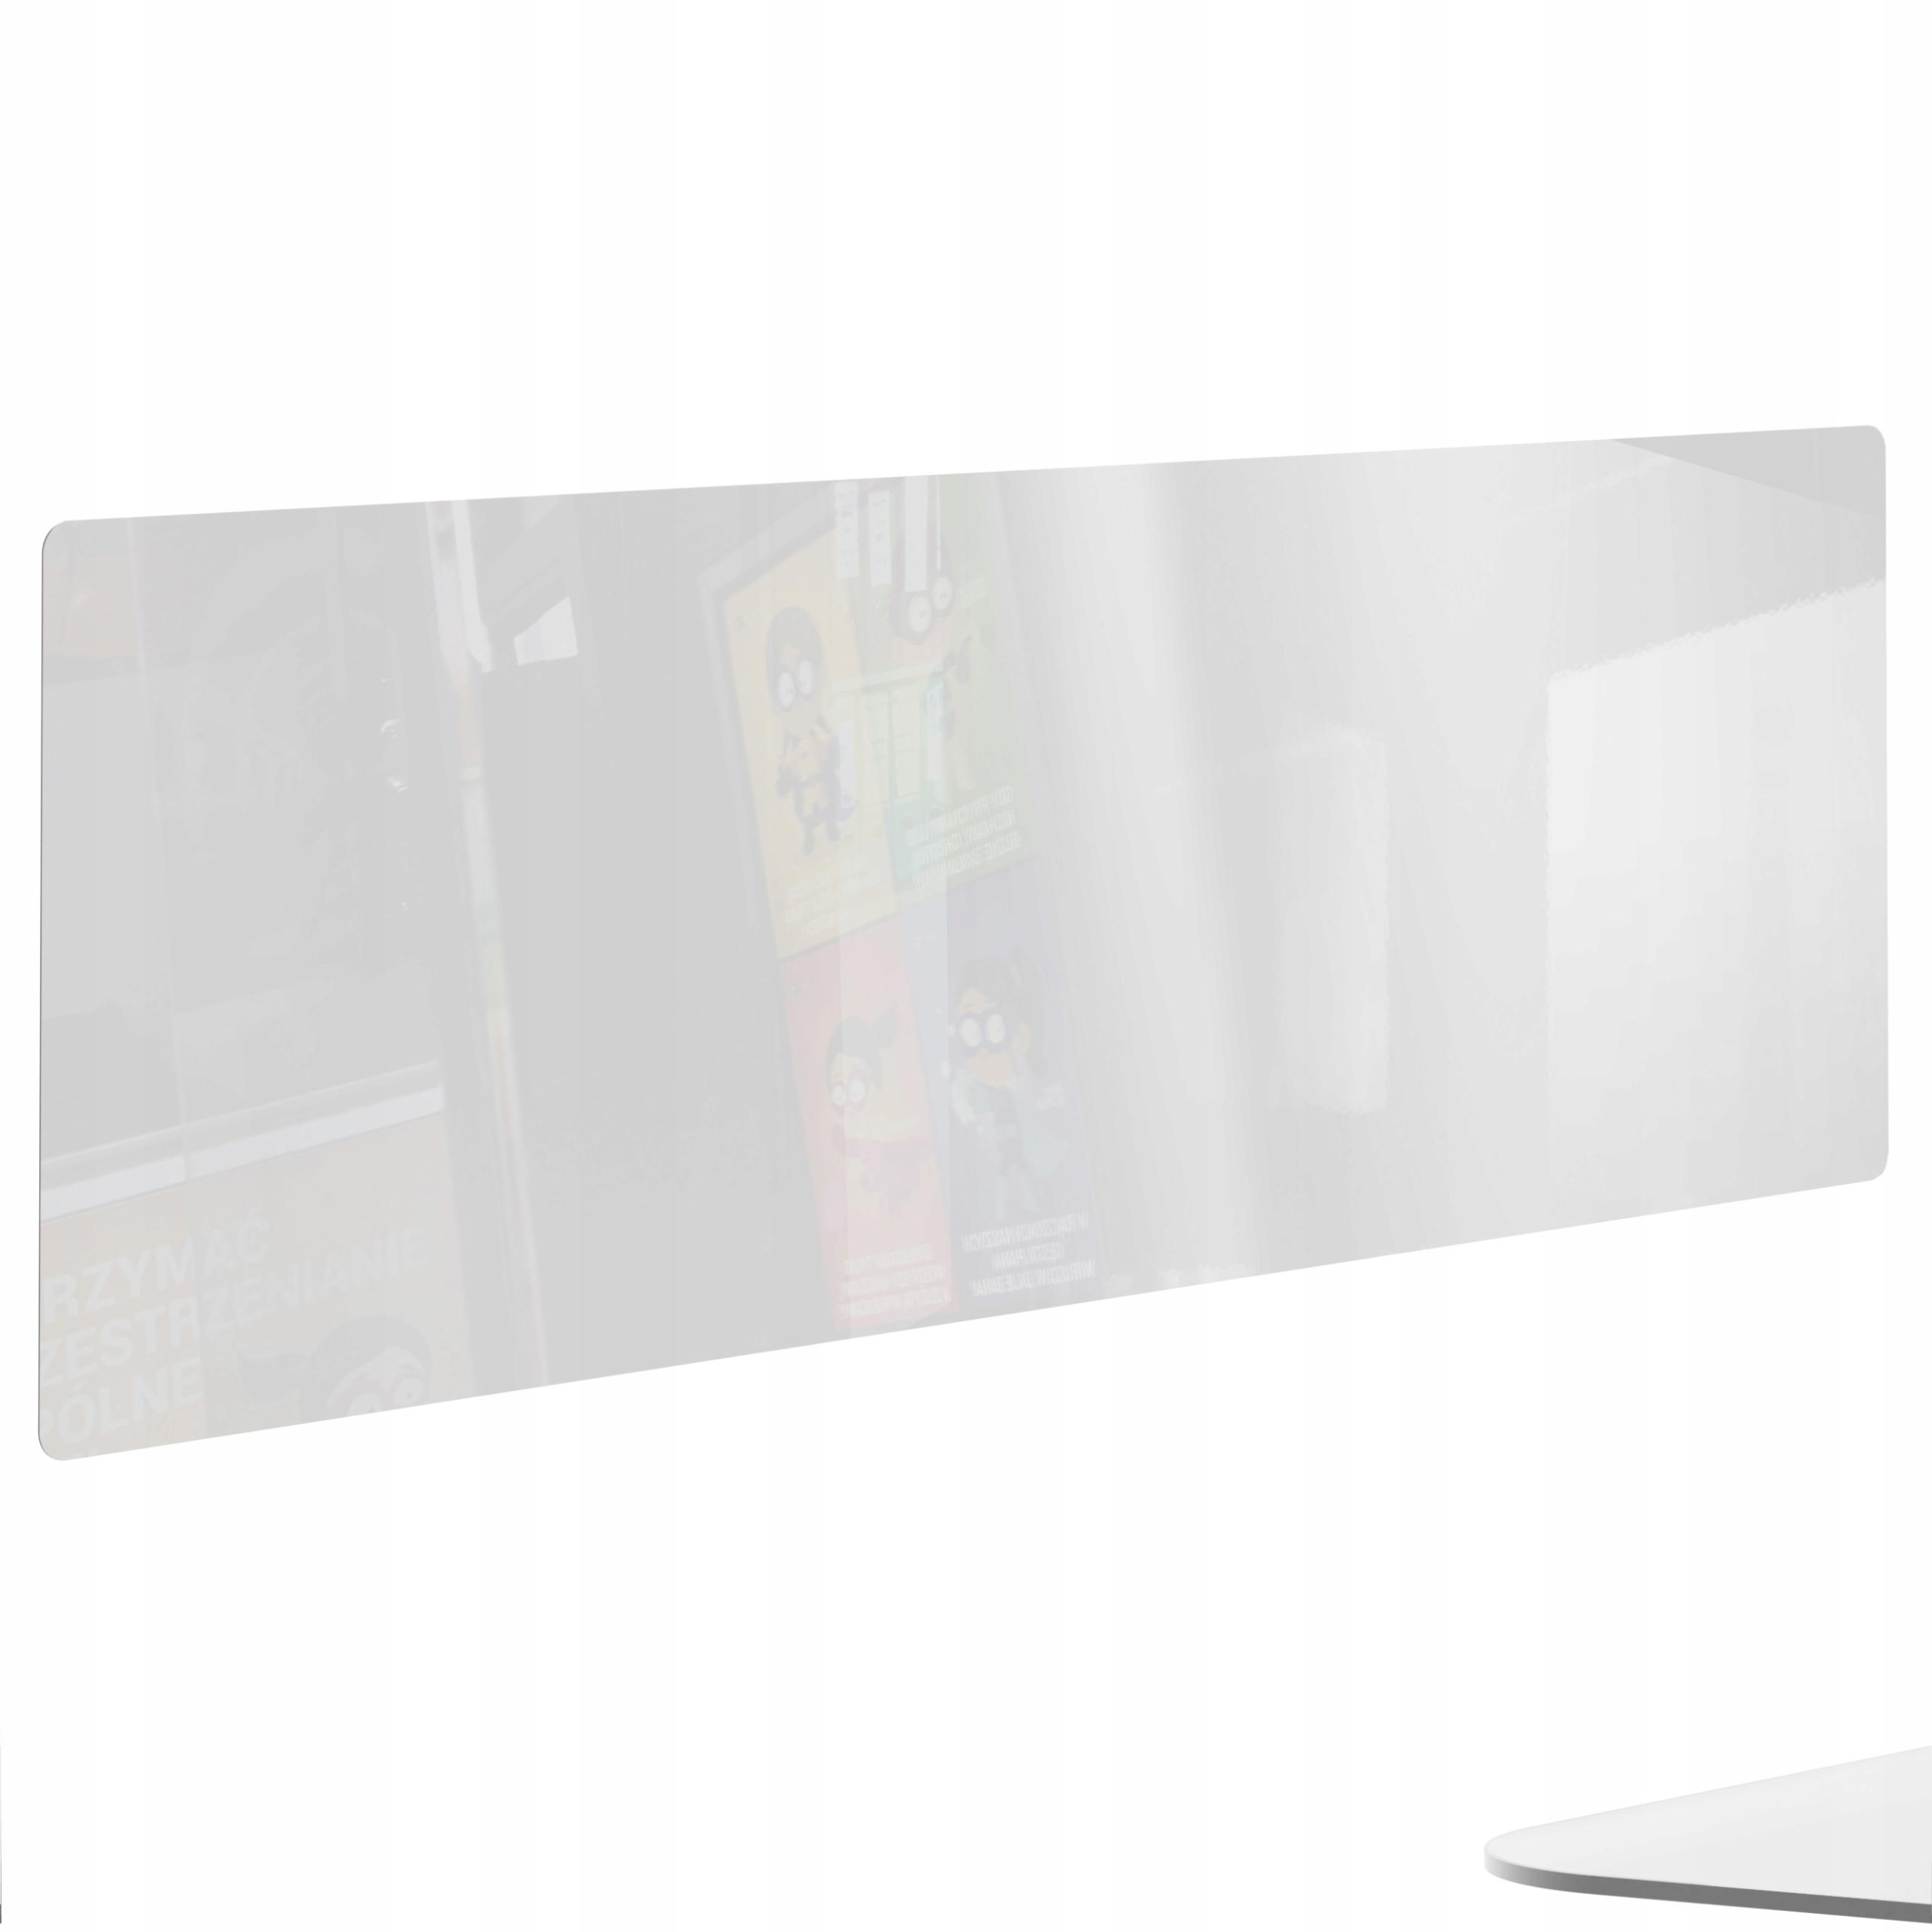 PLEXI bezbarwna 2mm 68x200cm pleksa pleksi płyta